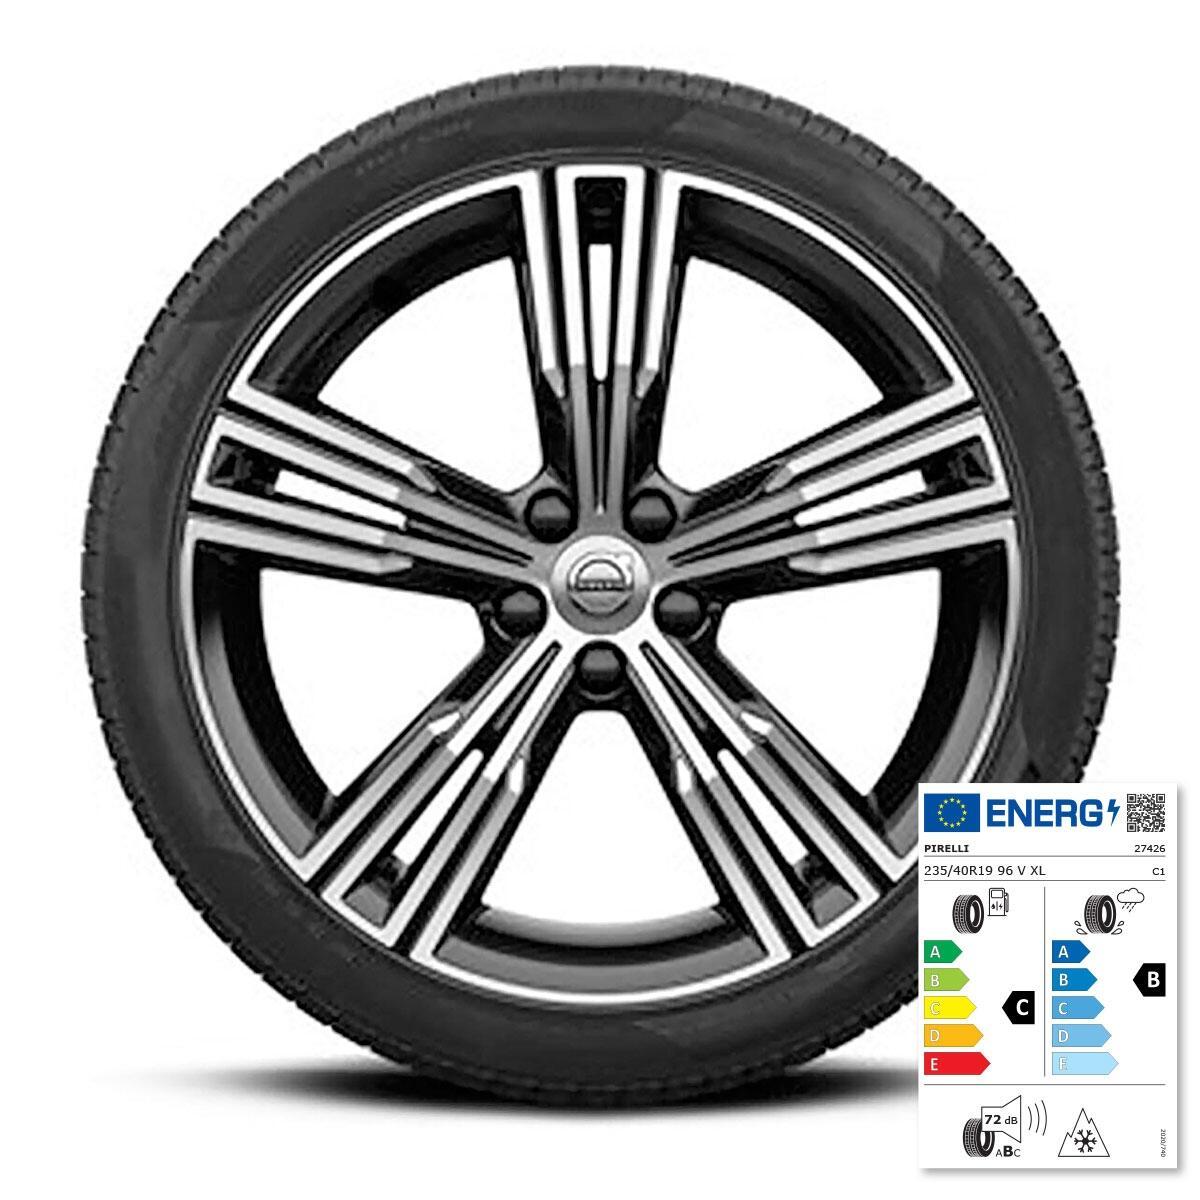 Komplet zimskih kotača:  19'', gume Pirelli